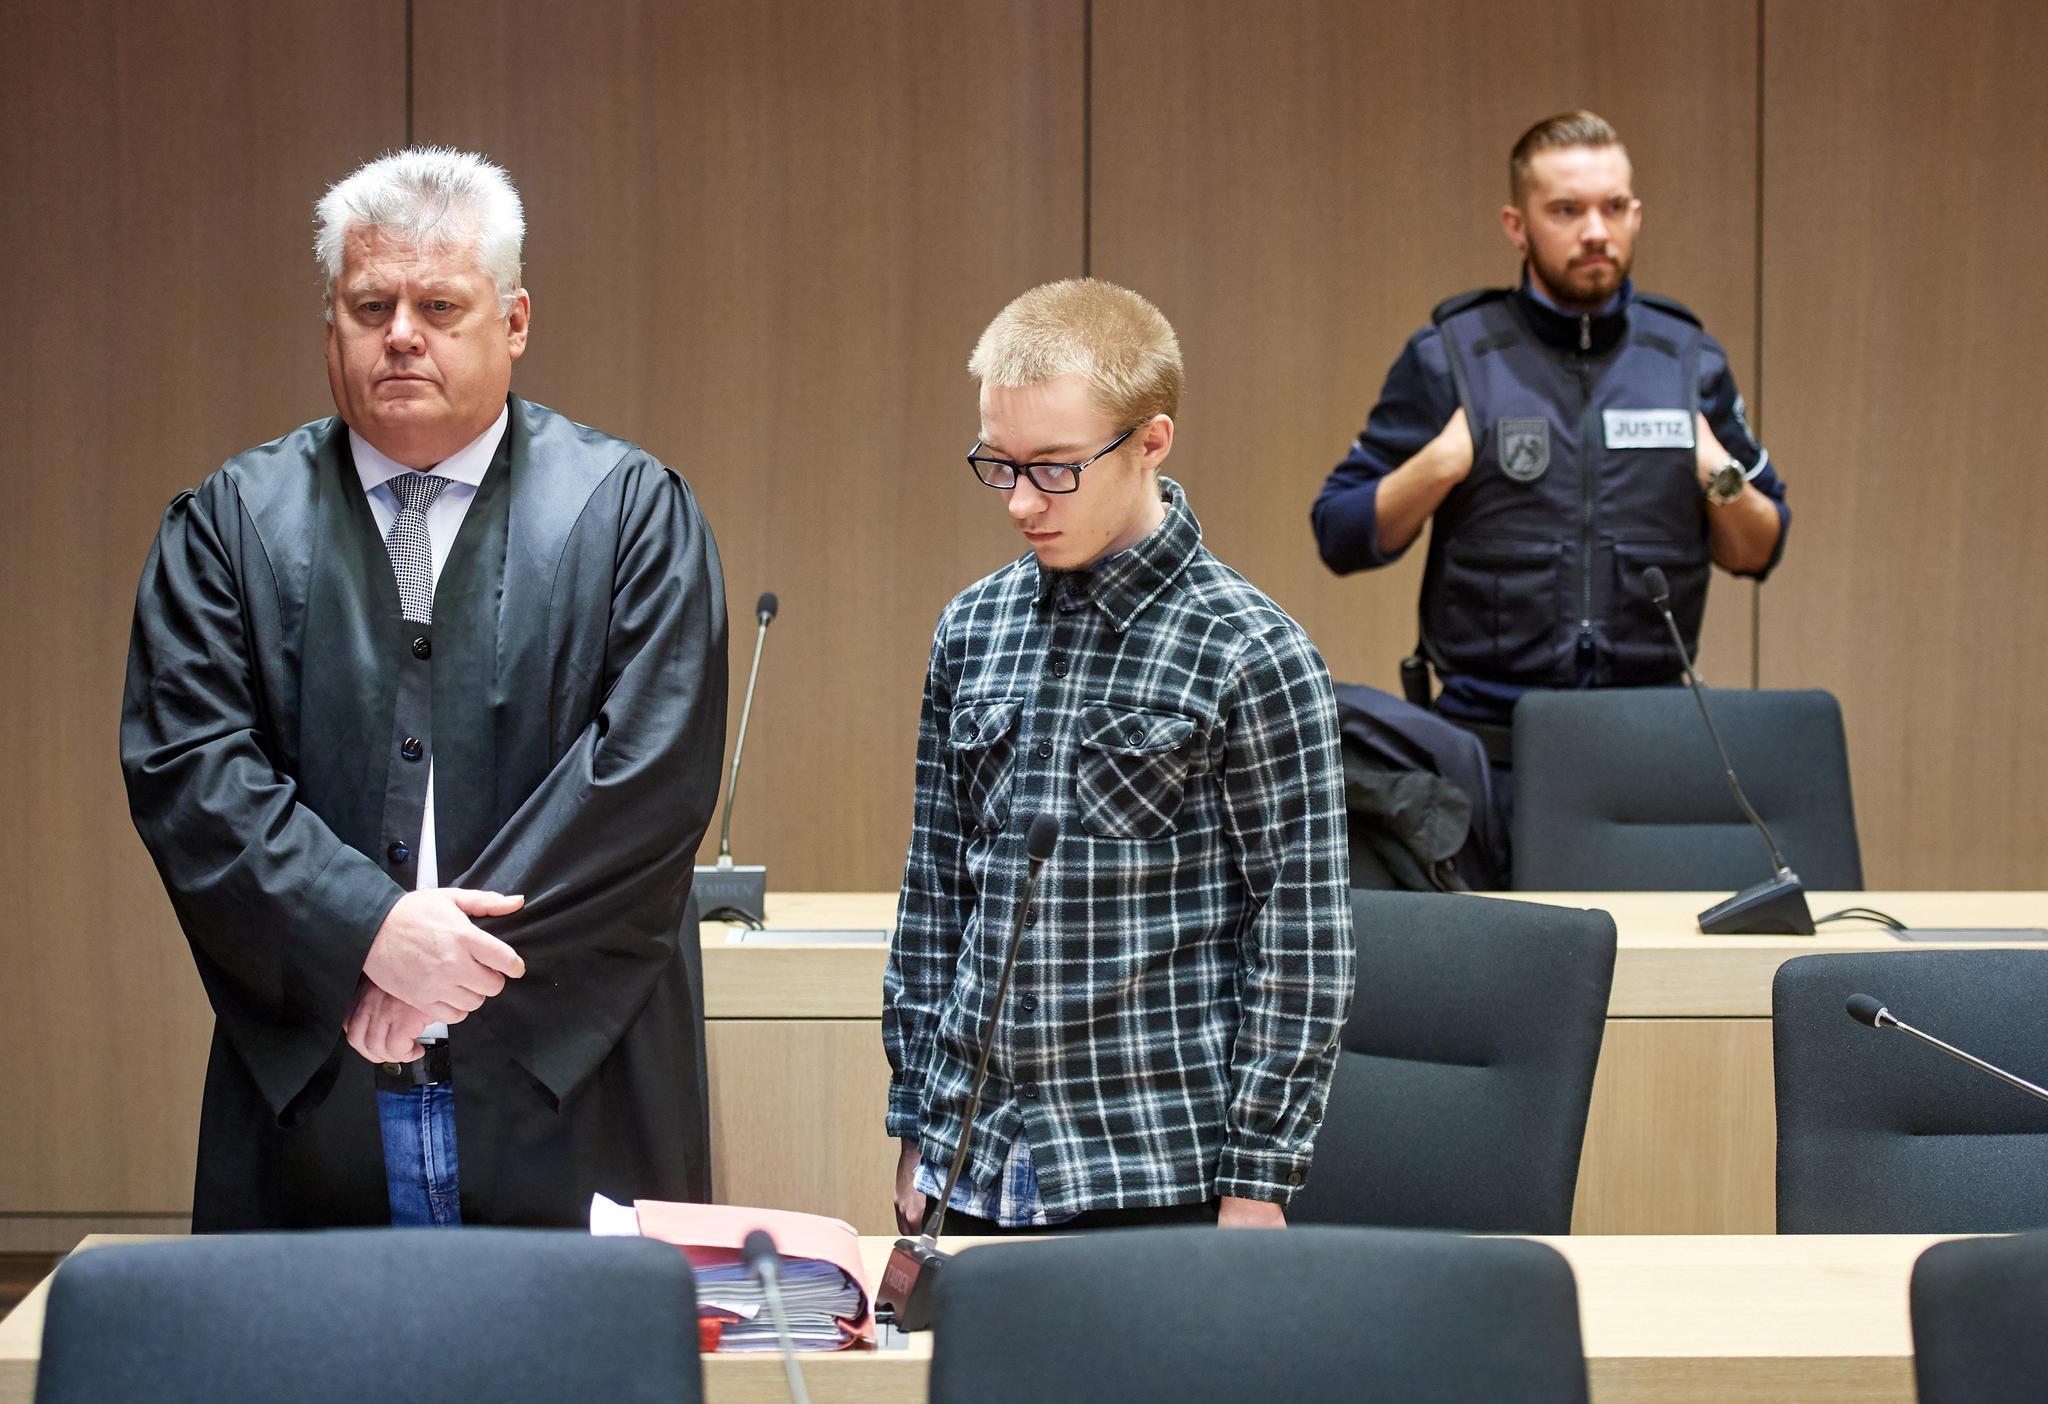 Doppelmord von Herne Marcel H zu lebenslanger Haft verurteilt